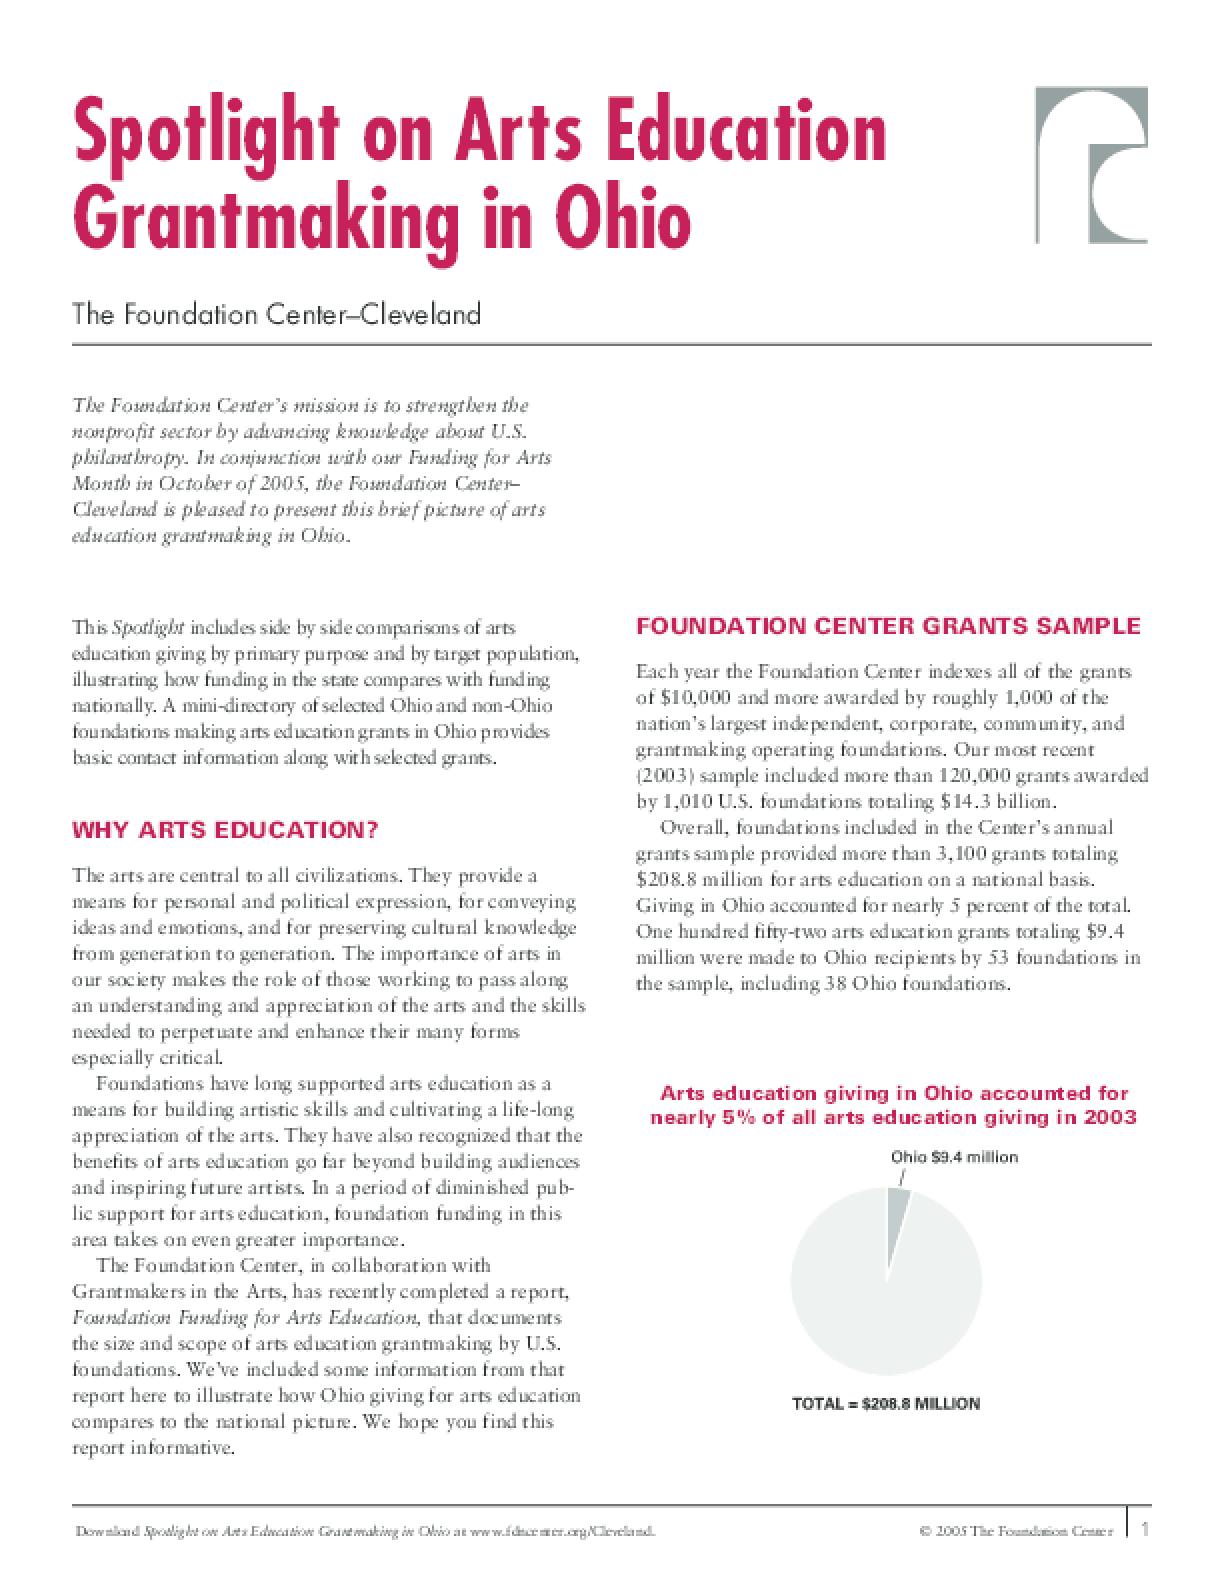 Spotlight on Arts Education Grantmaking in Ohio